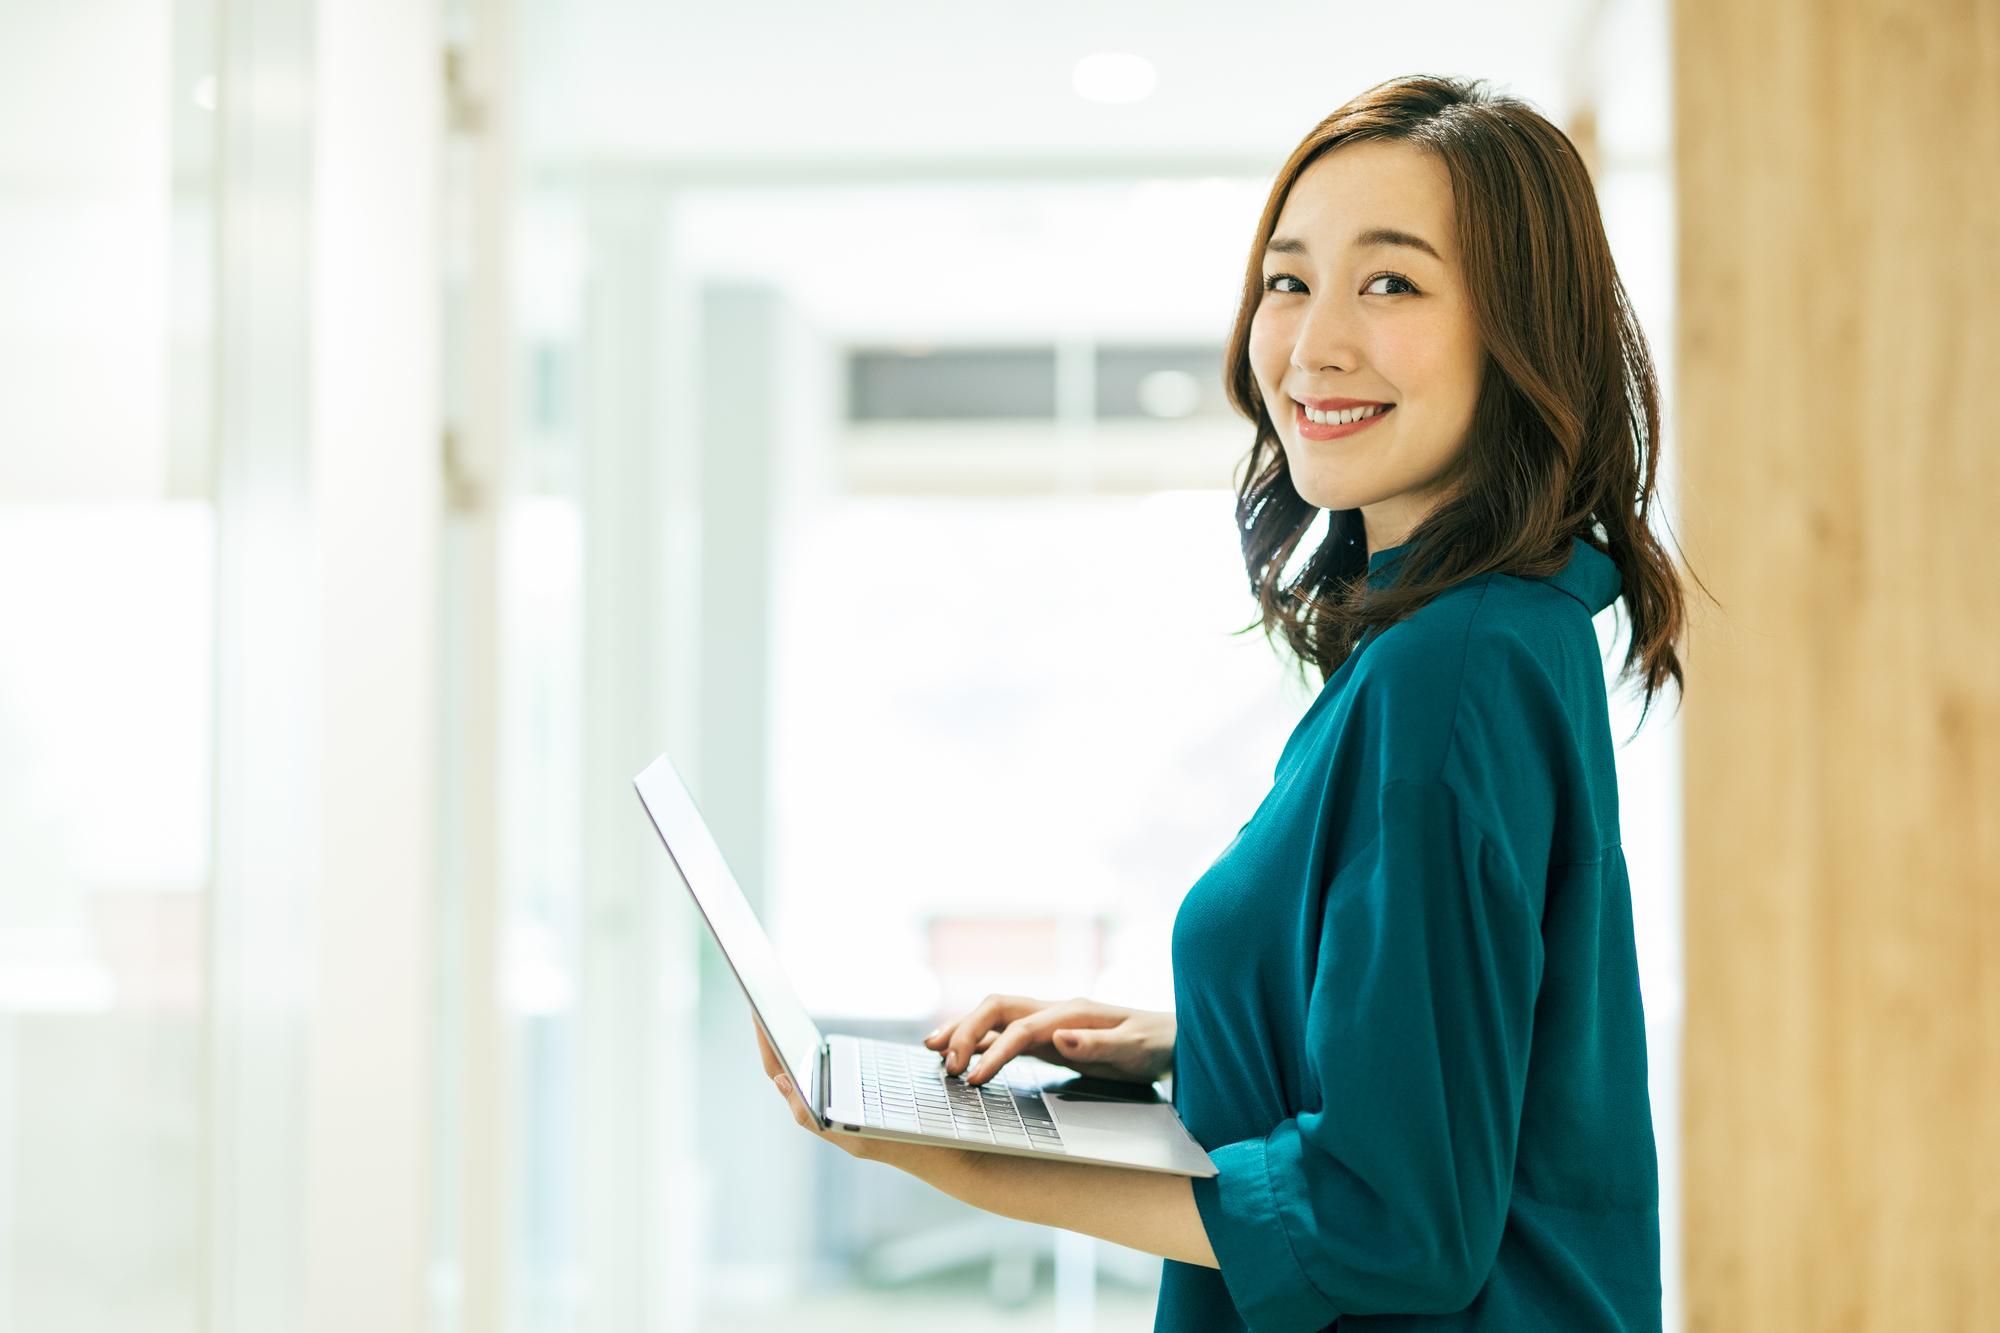 未経験でWebエンジニアになるには?就職するためのコツや仕事内容を解説